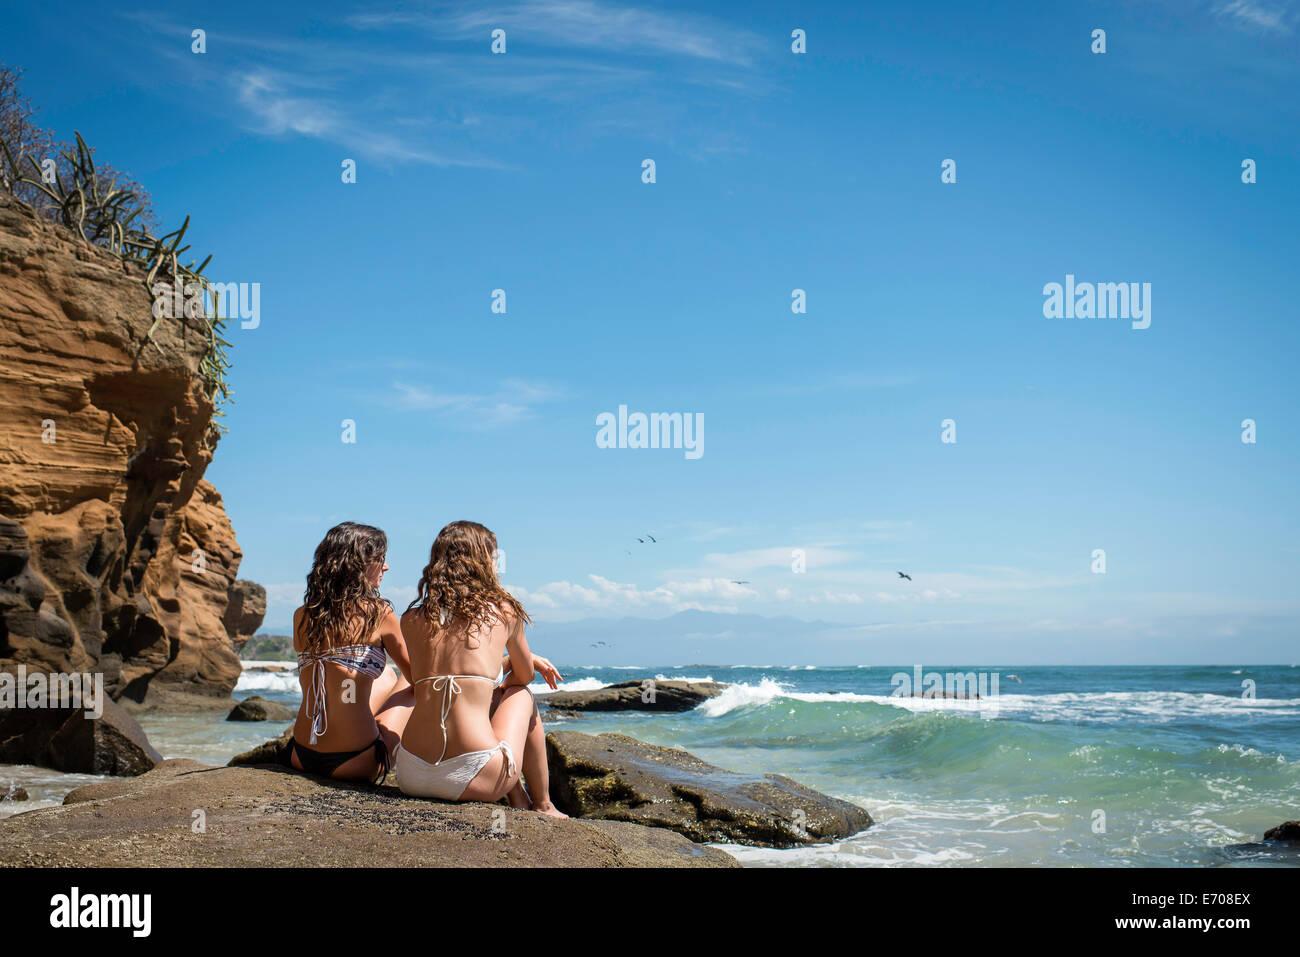 Due giovani donne seduti sulle rocce, guardando fuori a ocean Immagini Stock